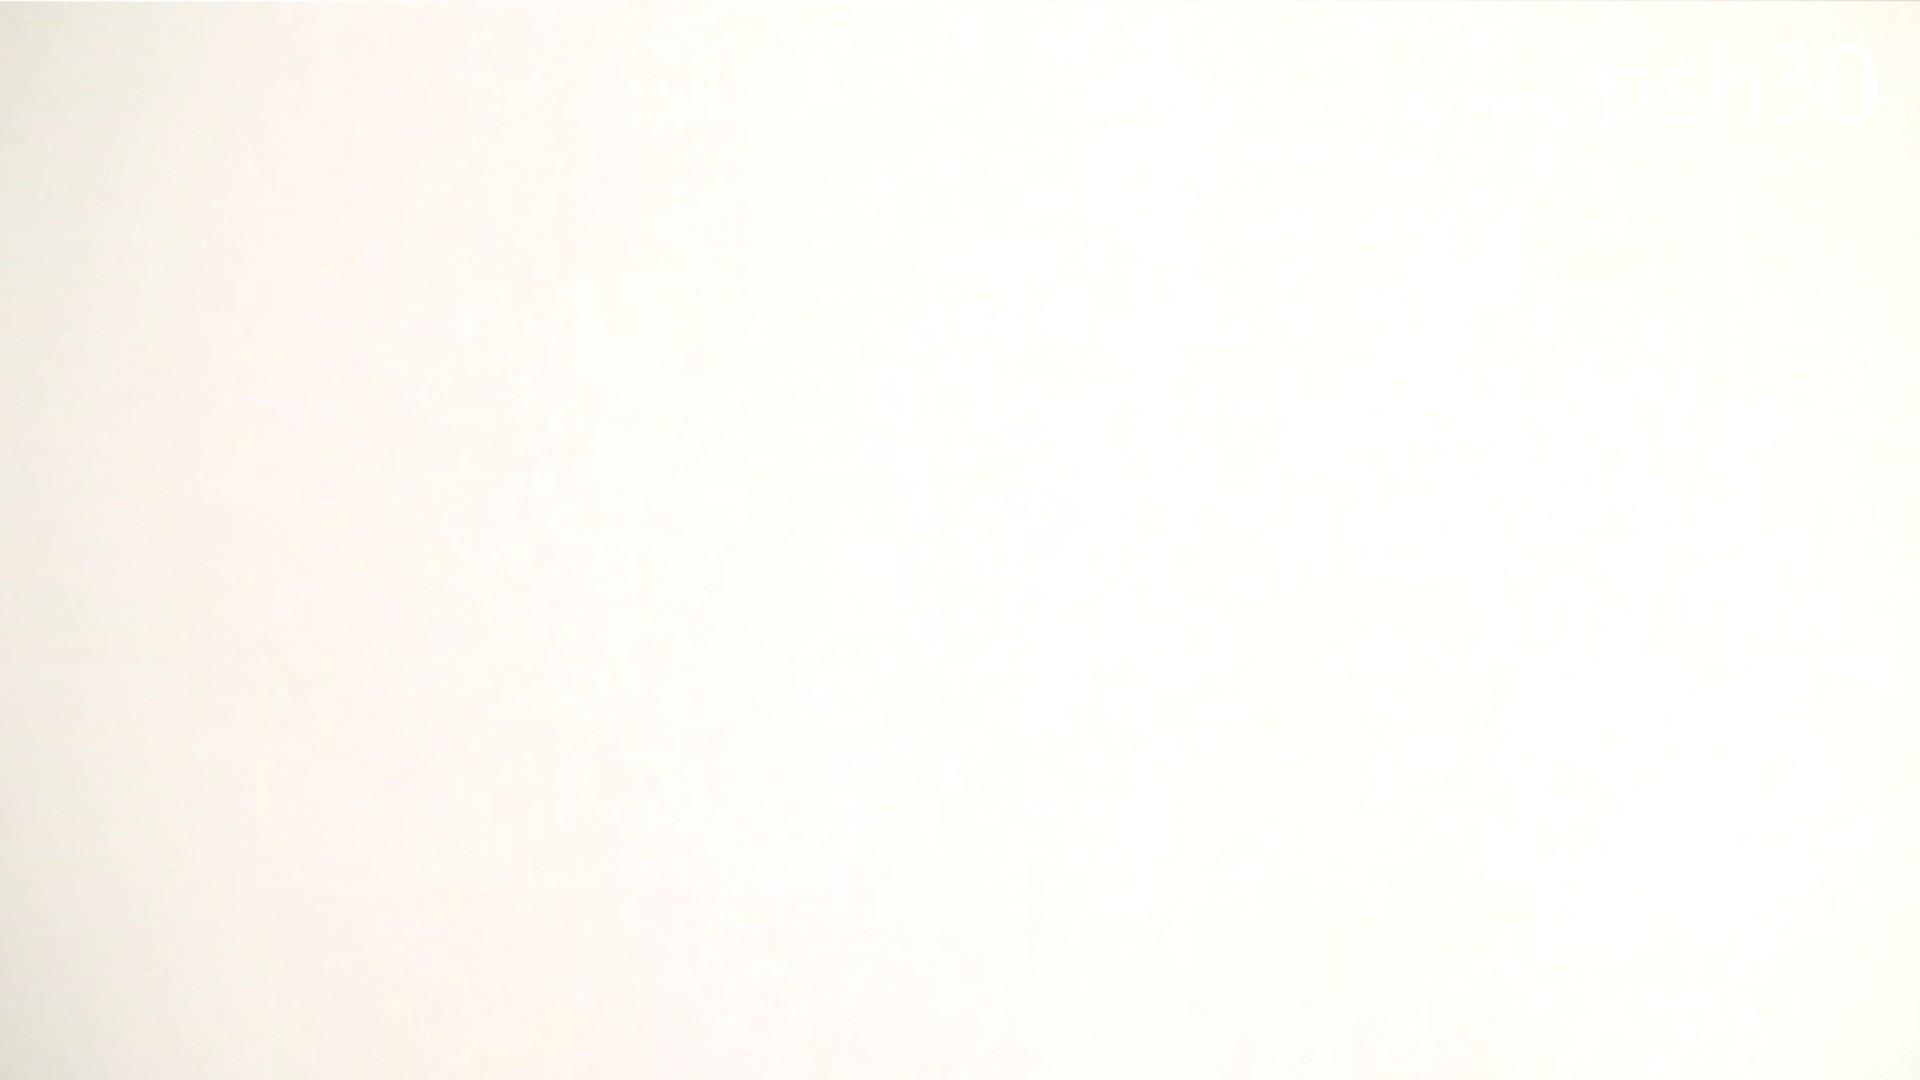 ▲復活限定▲ハイビジョン 盗神伝 Vol.30 お姉さんのSEX ぱこり動画紹介 99枚 73